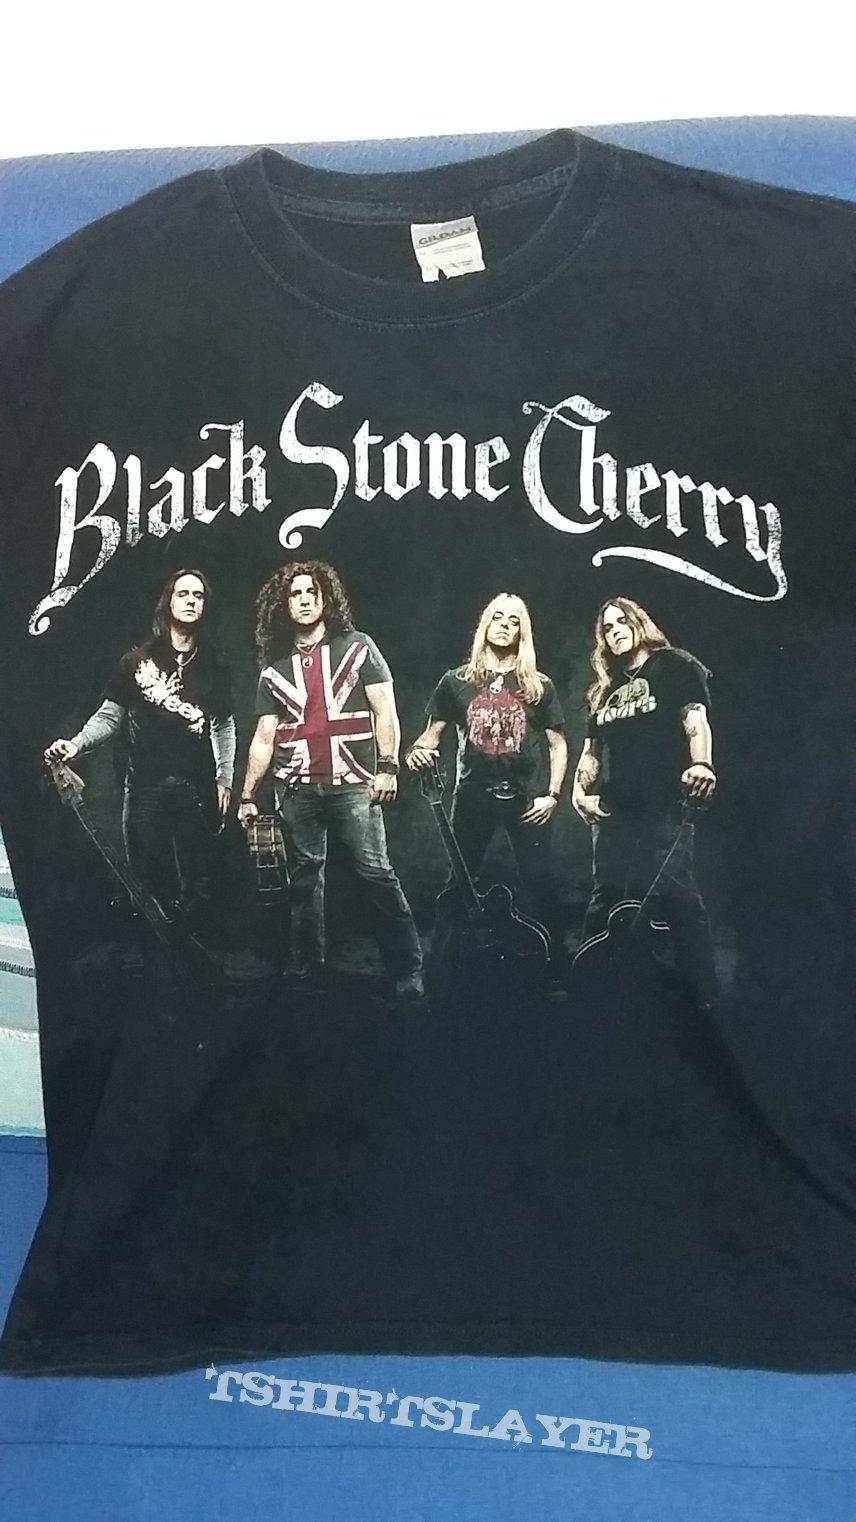 Black Stone Cherry - European Tour 2008